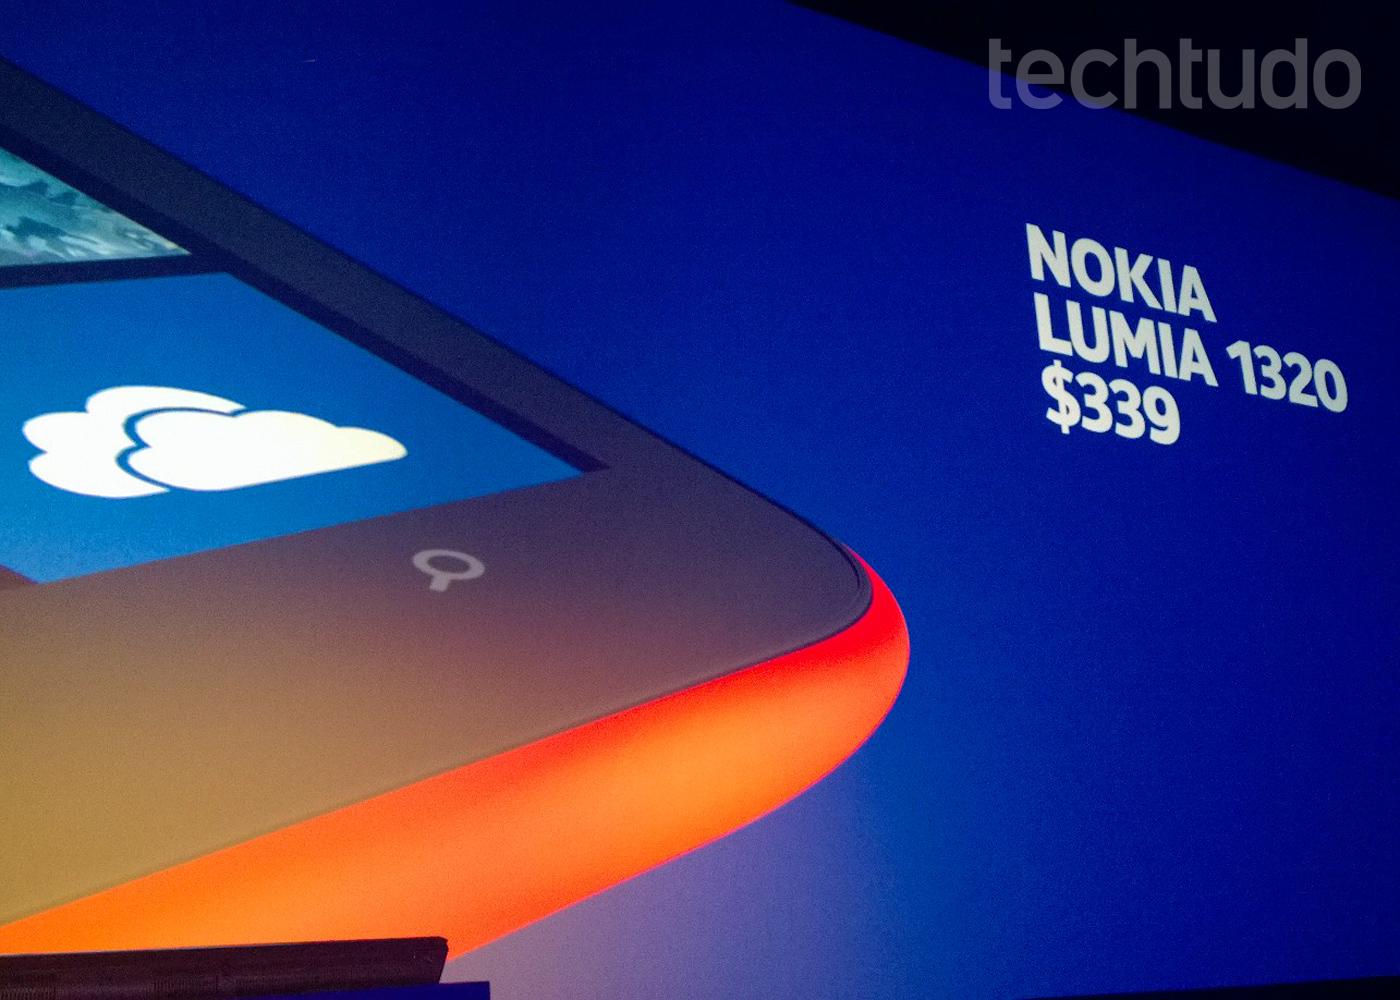 Lumia 1320 chega a US$ 339 nos Estados Unidos (Foto: Allan Melo / TechTudo)